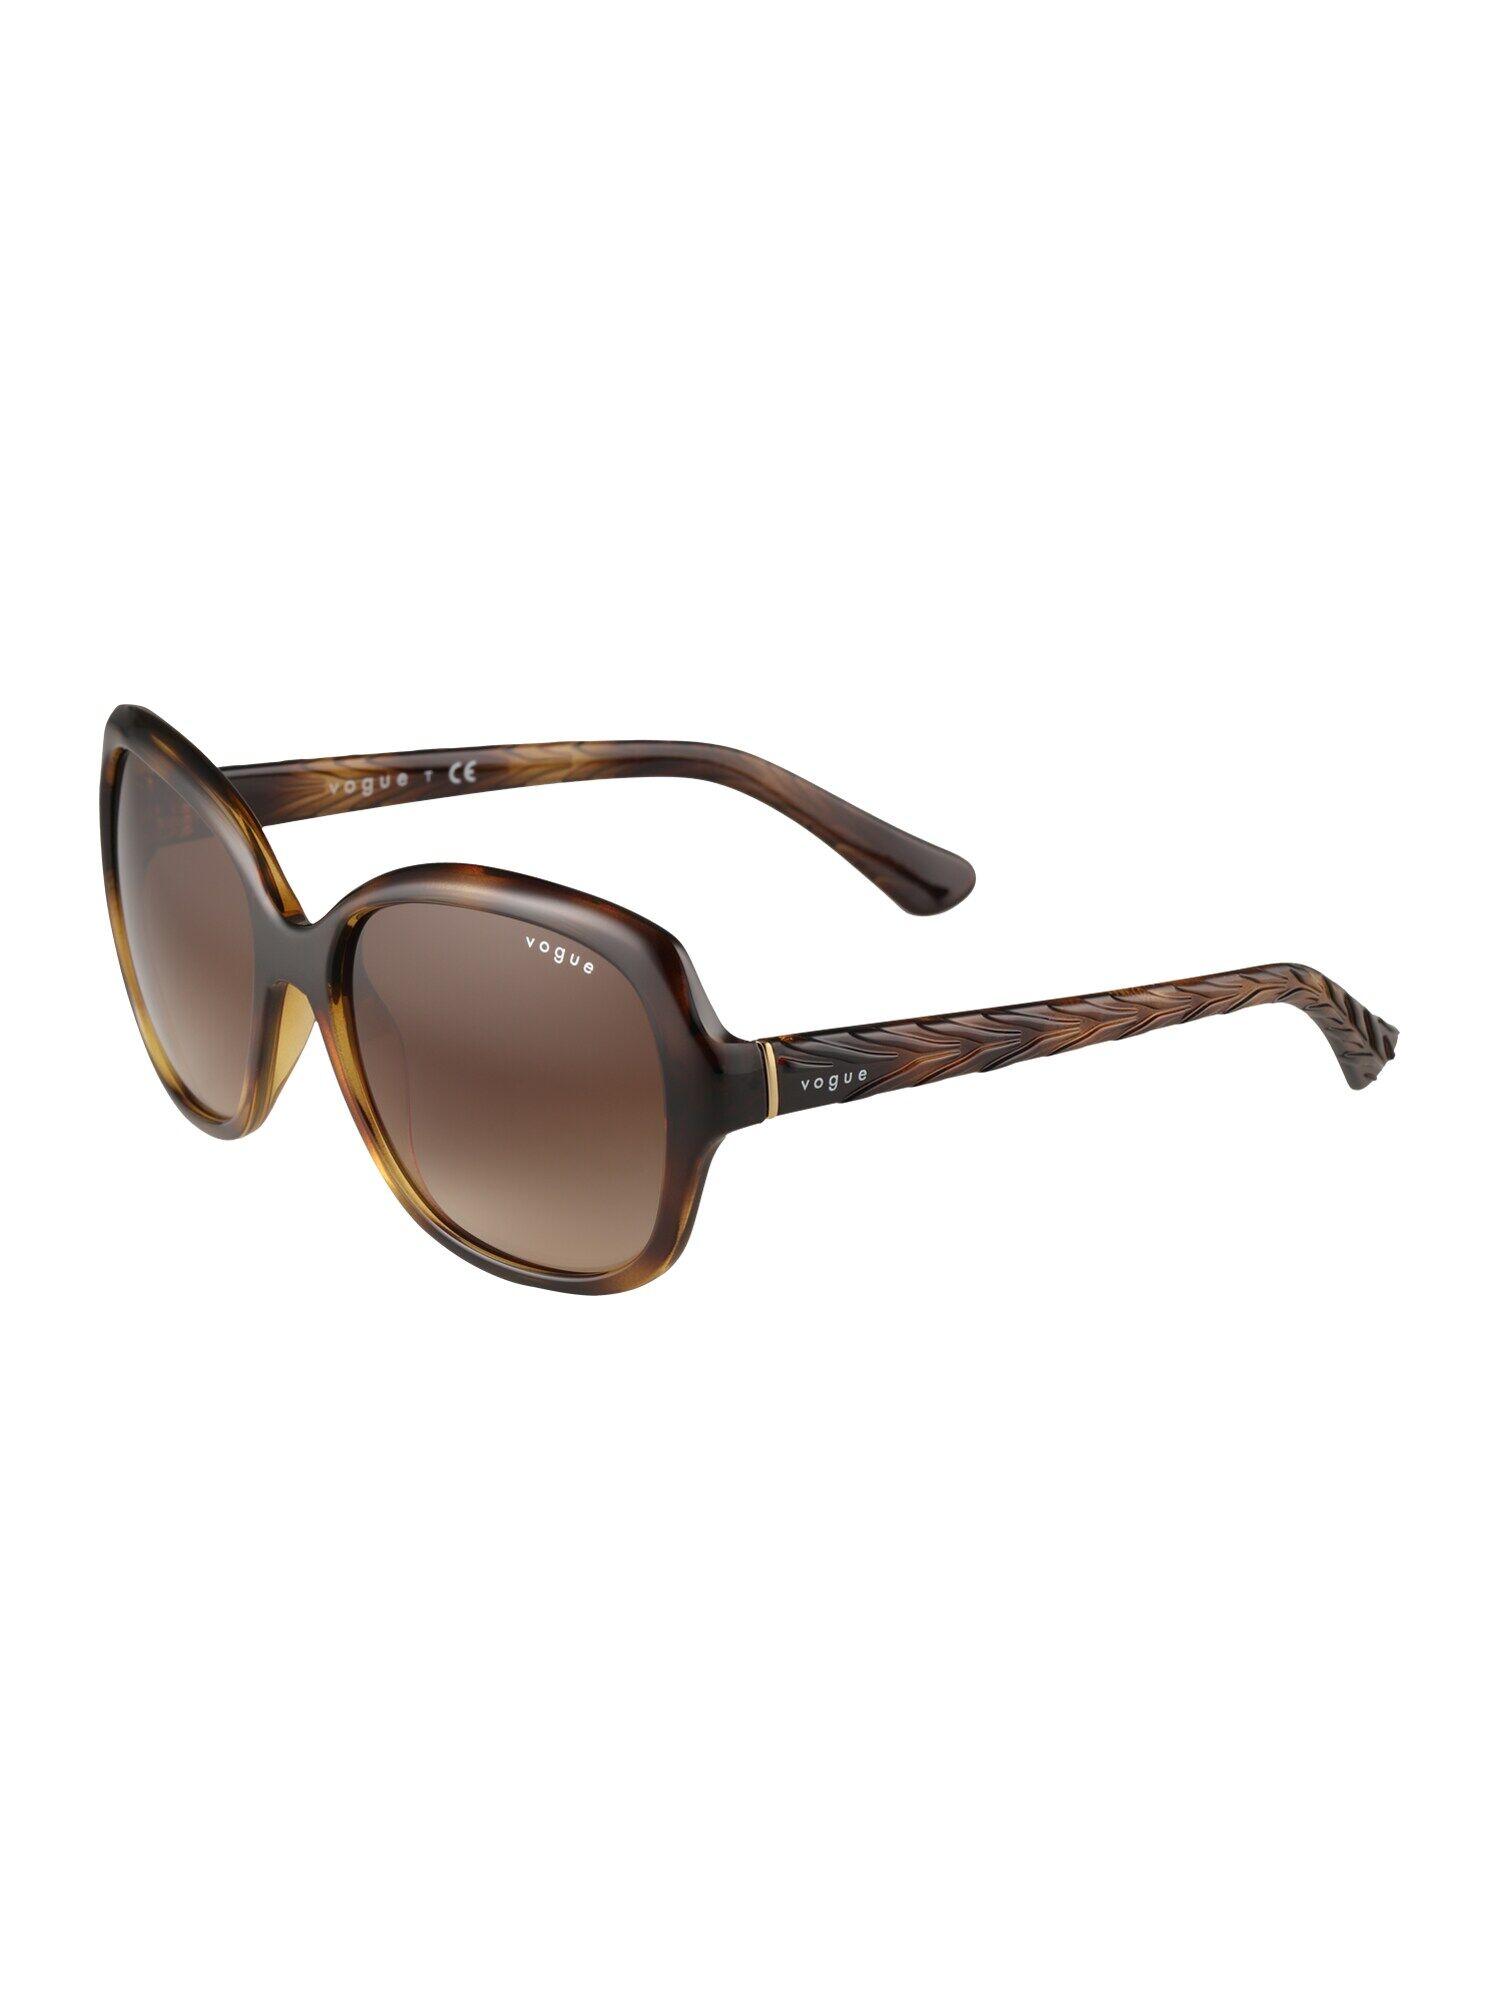 VOGUE Eyewear Lunettes de soleil  - Marron - Taille: 56 - female